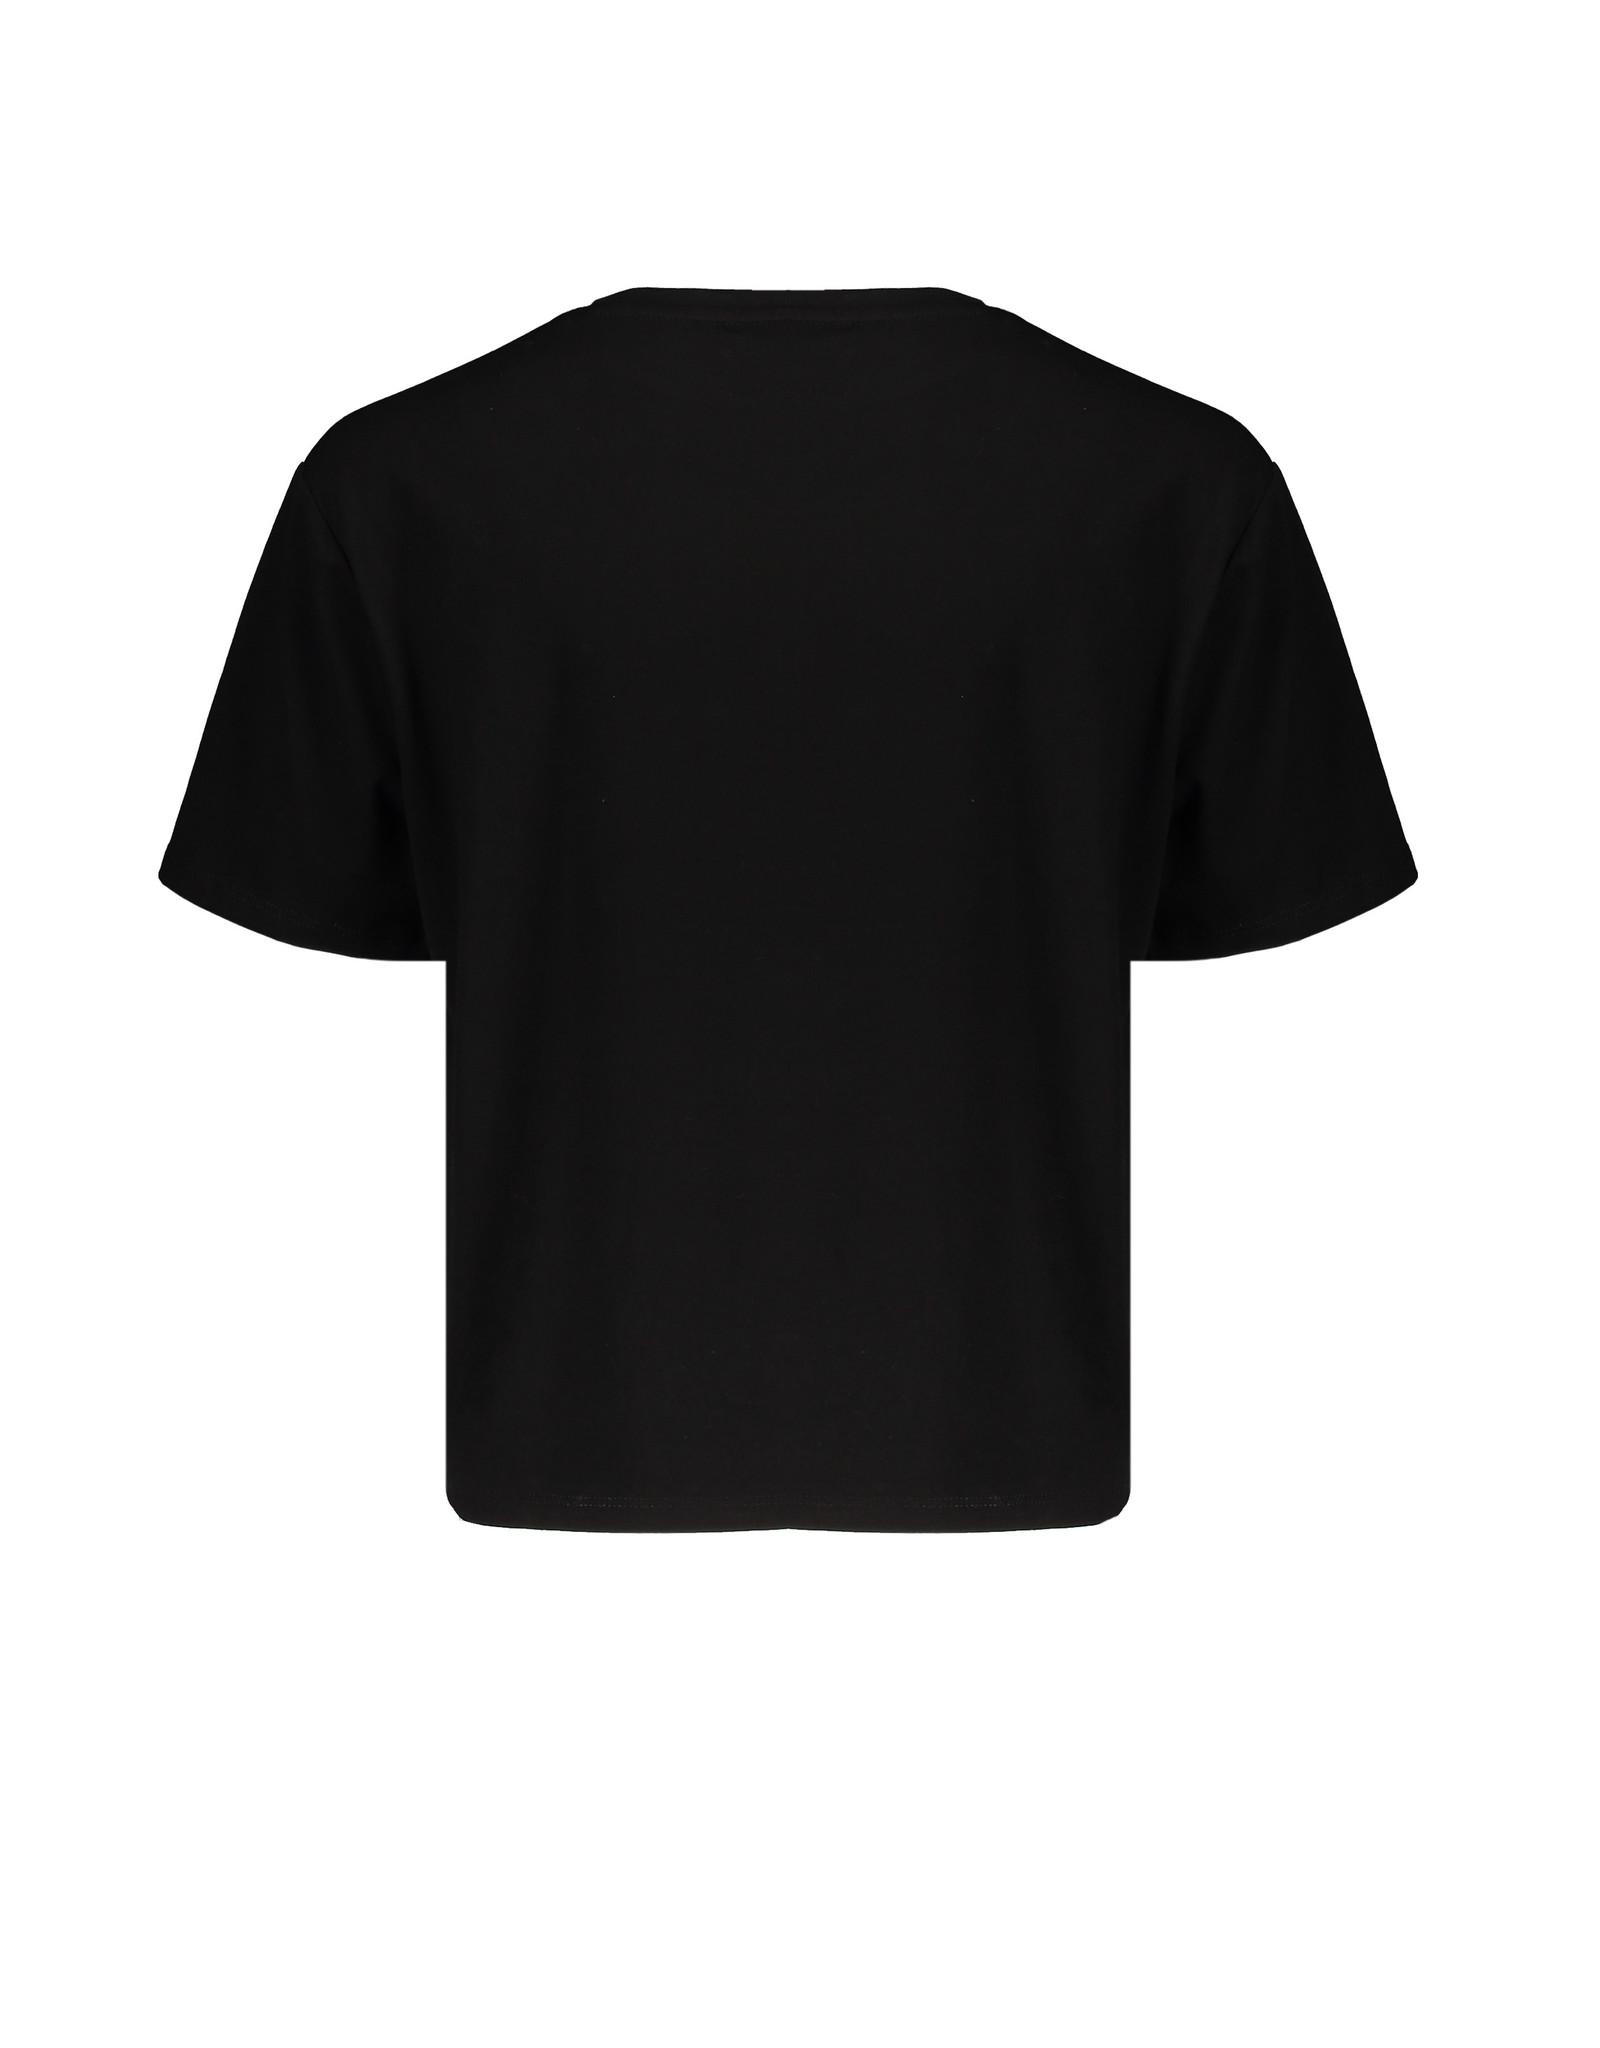 Nobell' Half sleeved tshirt Keo black